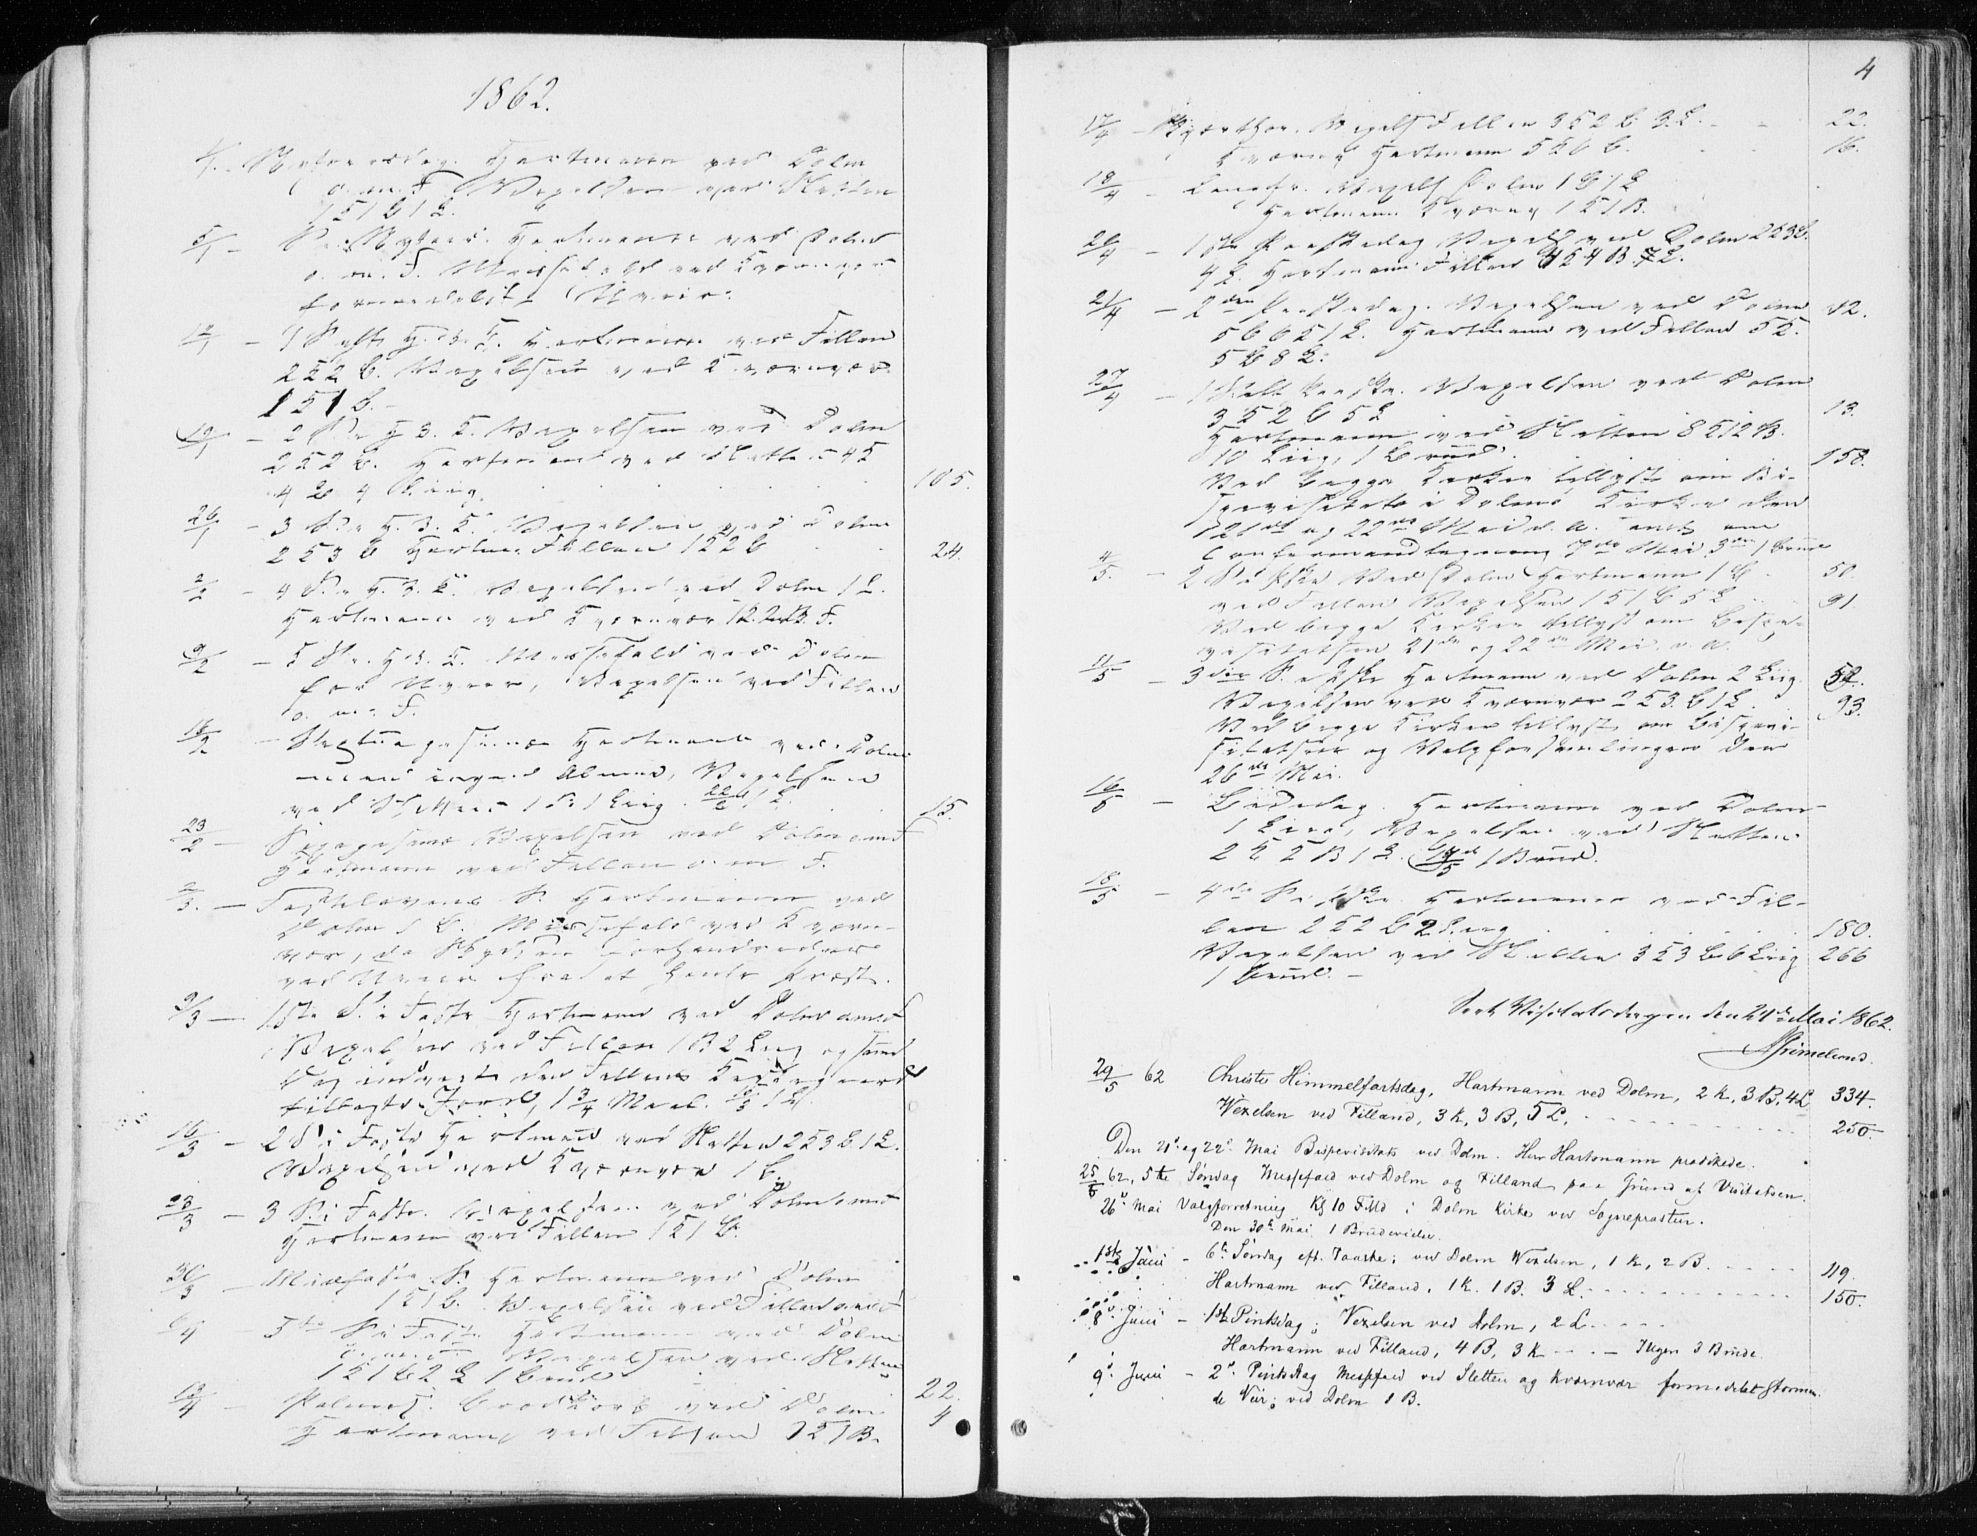 SAT, Ministerialprotokoller, klokkerbøker og fødselsregistre - Sør-Trøndelag, 634/L0531: Ministerialbok nr. 634A07, 1861-1870, s. 4